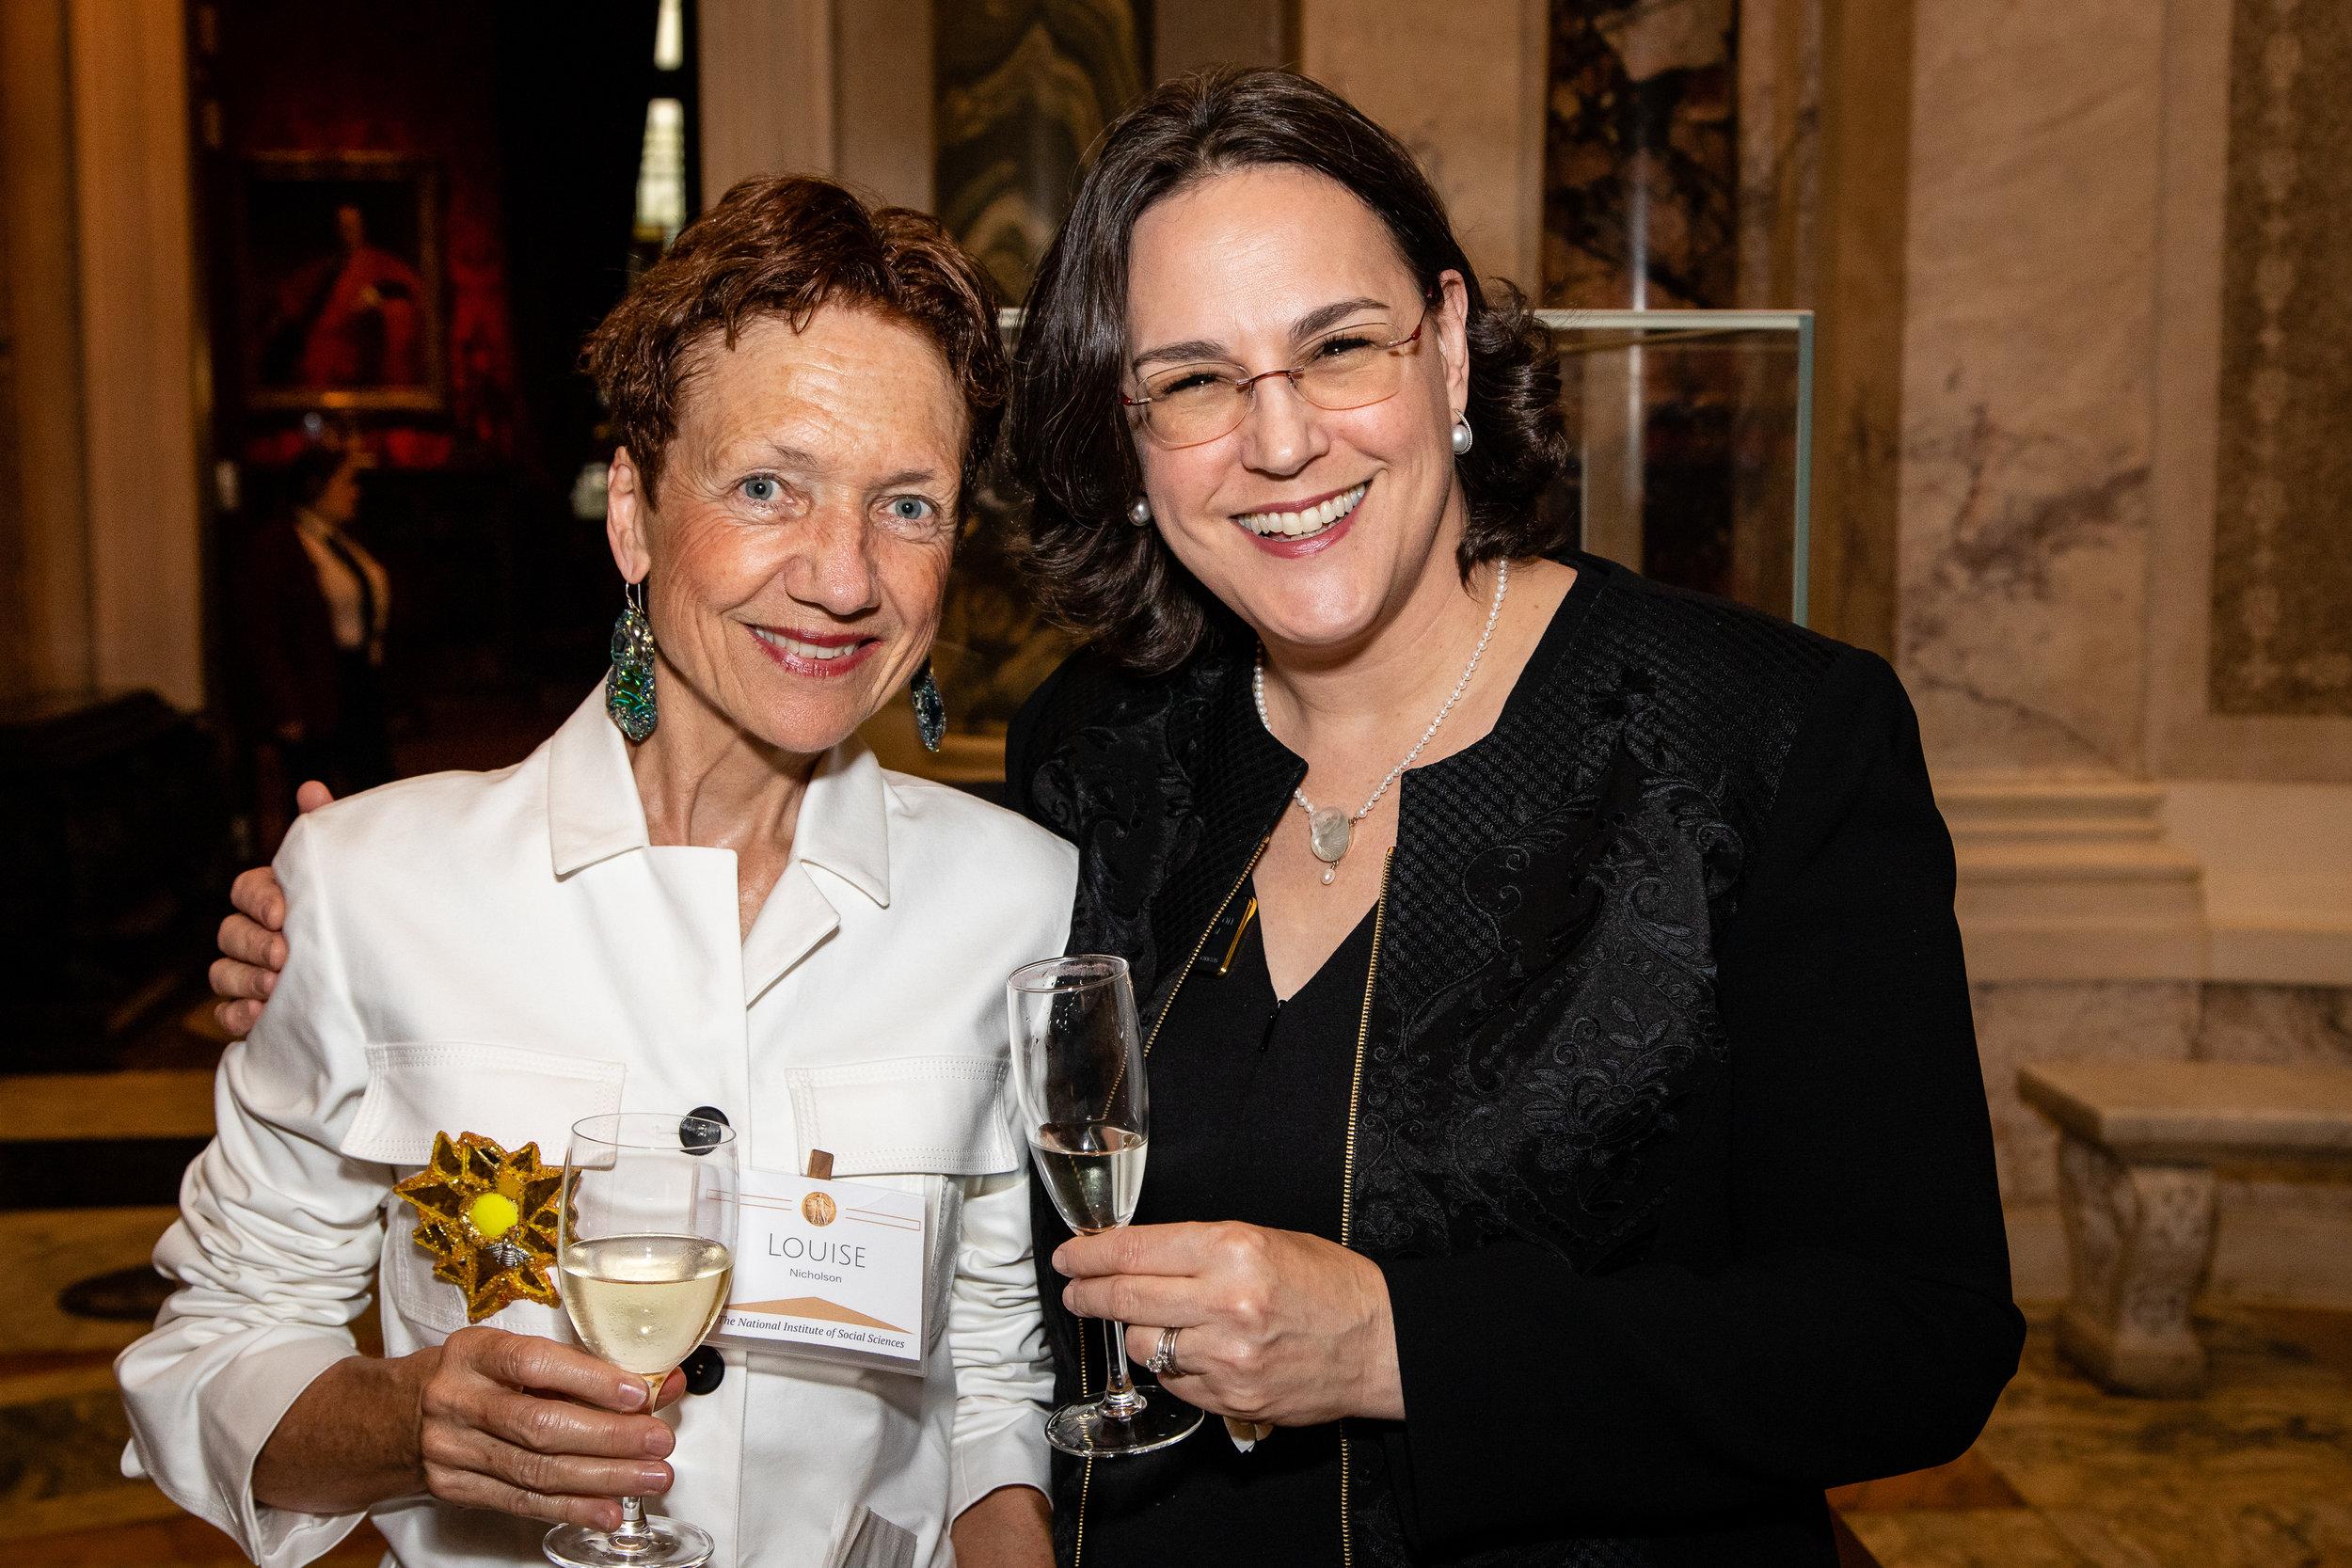 Louise Nicholson, Angela Cason